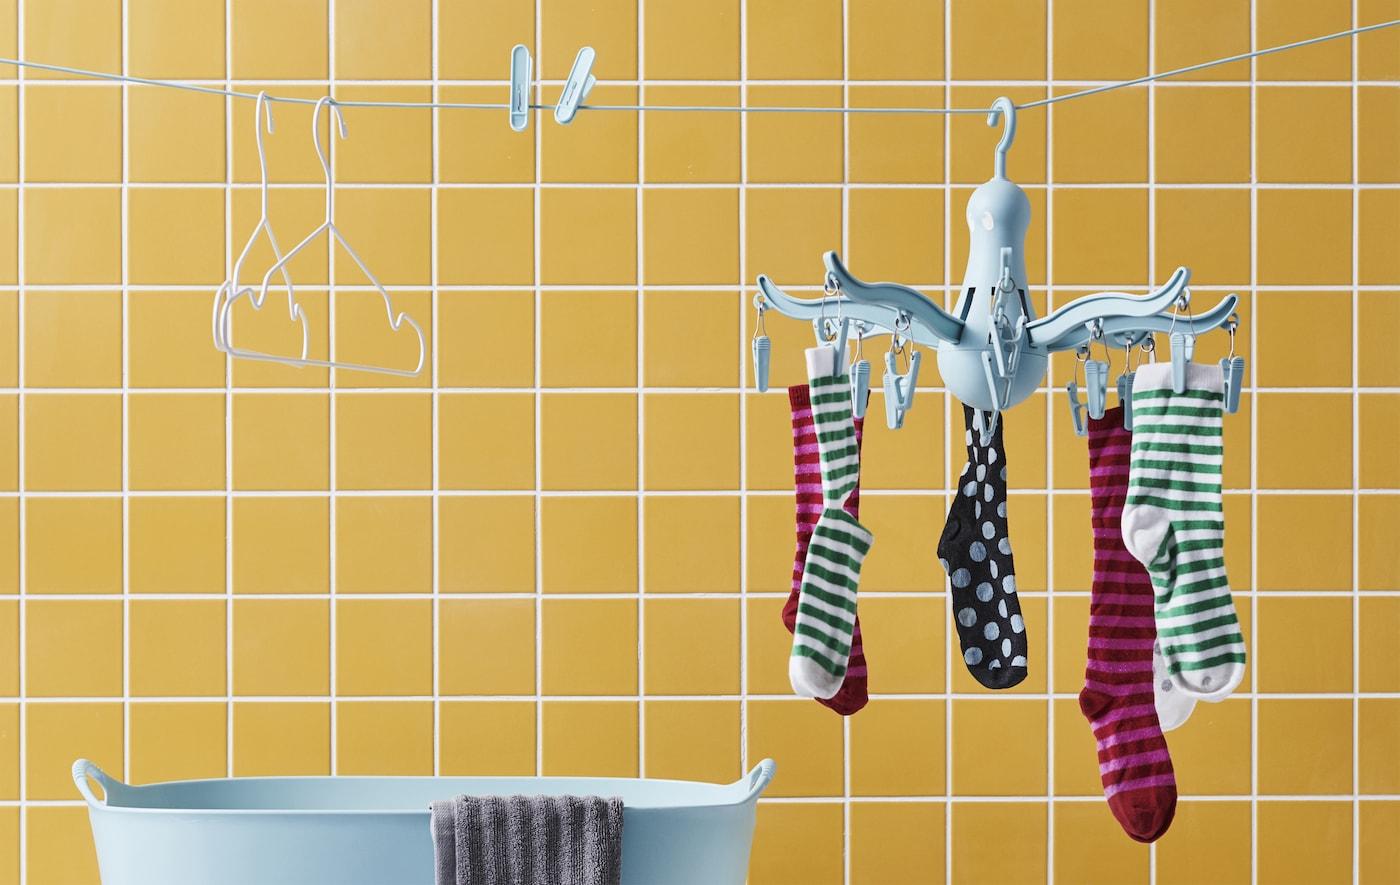 Strumpor på en blå hängtork, klädnypor och galgar på en tvättlina med en gulkaklad vägg i bakgrunden.